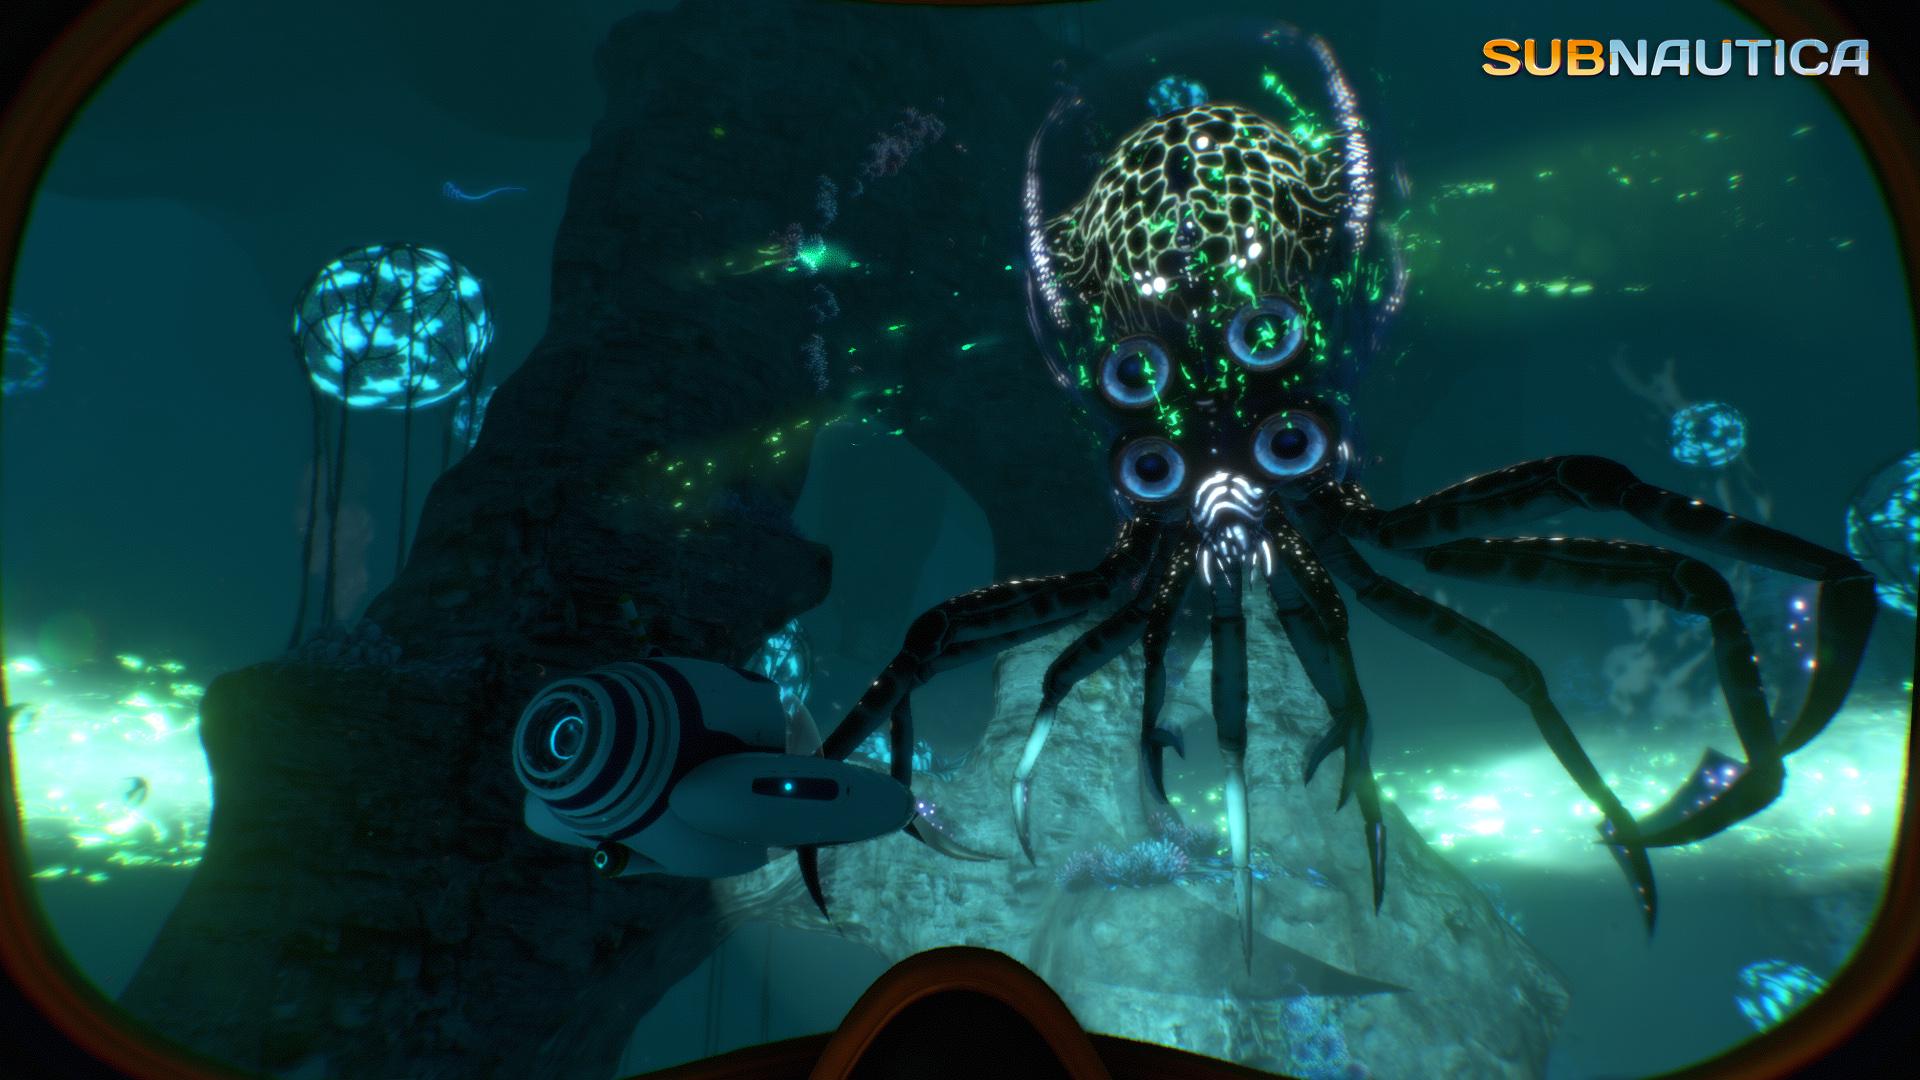 Underwater Open World Adventure Game Subnautica Has Been